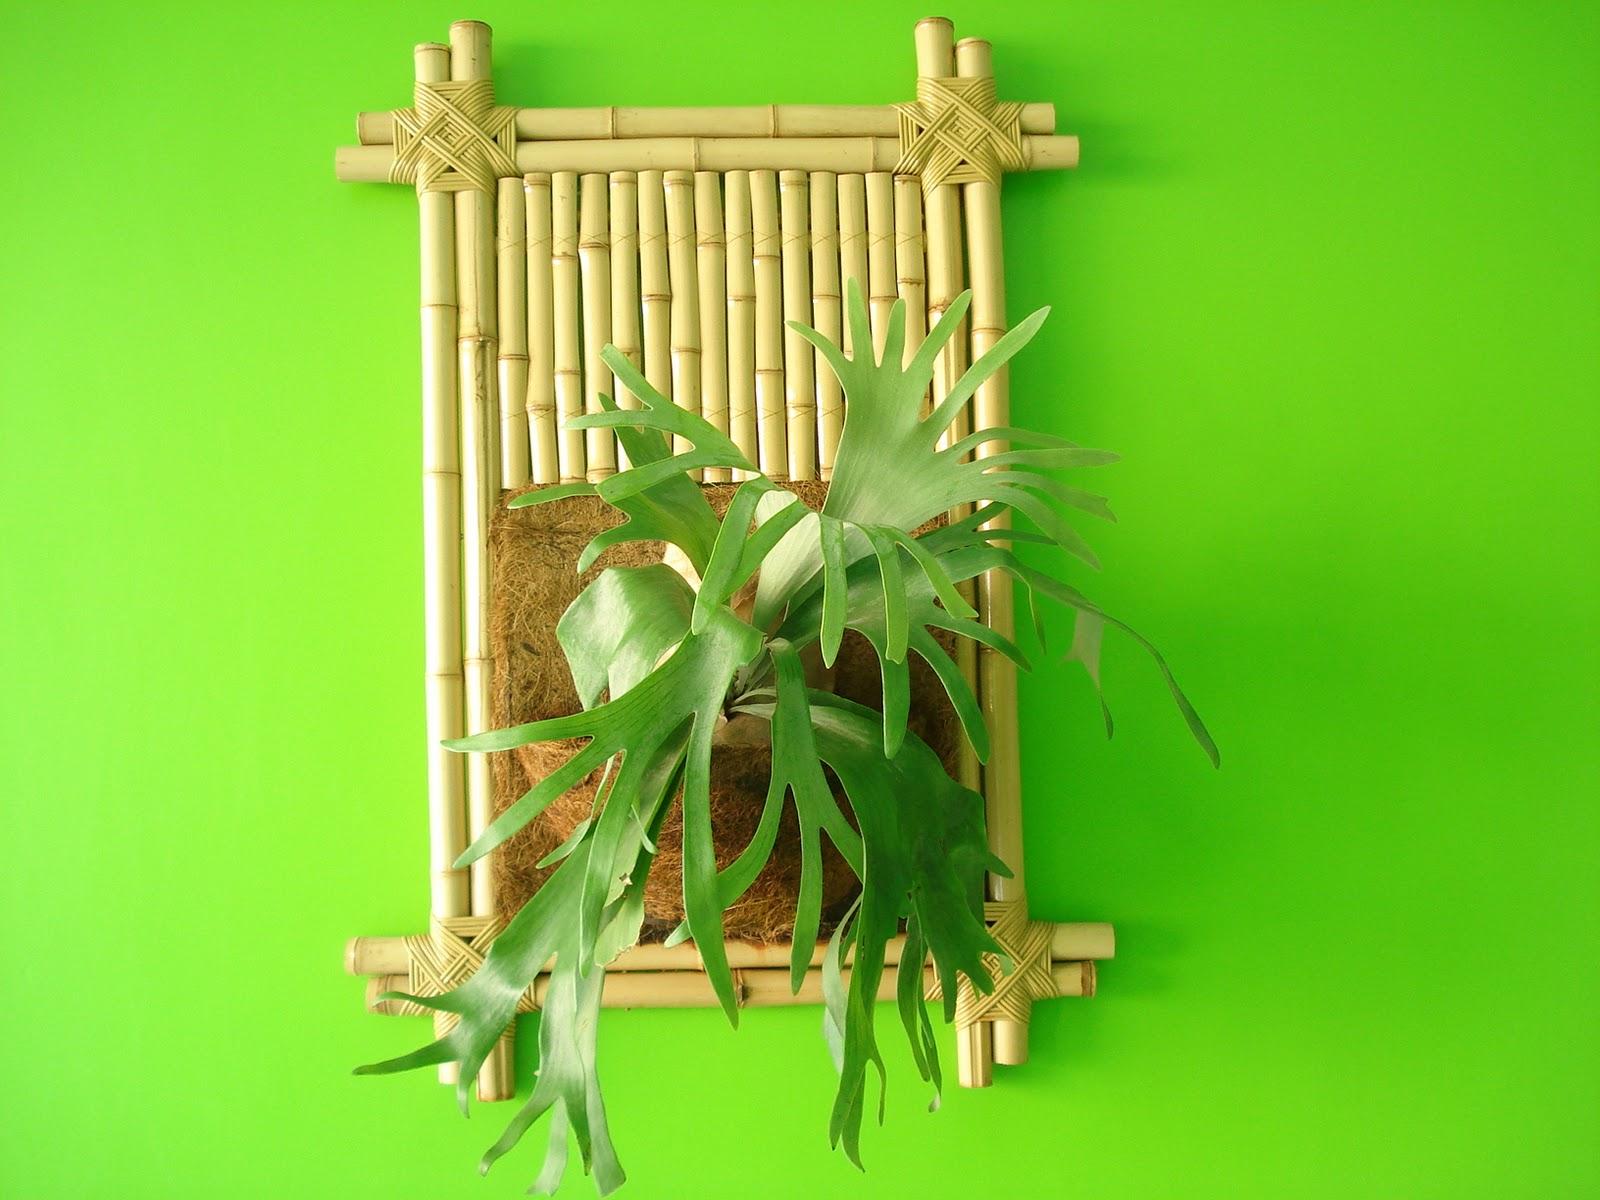 картины из бамбука своими руками фото повышения влажности